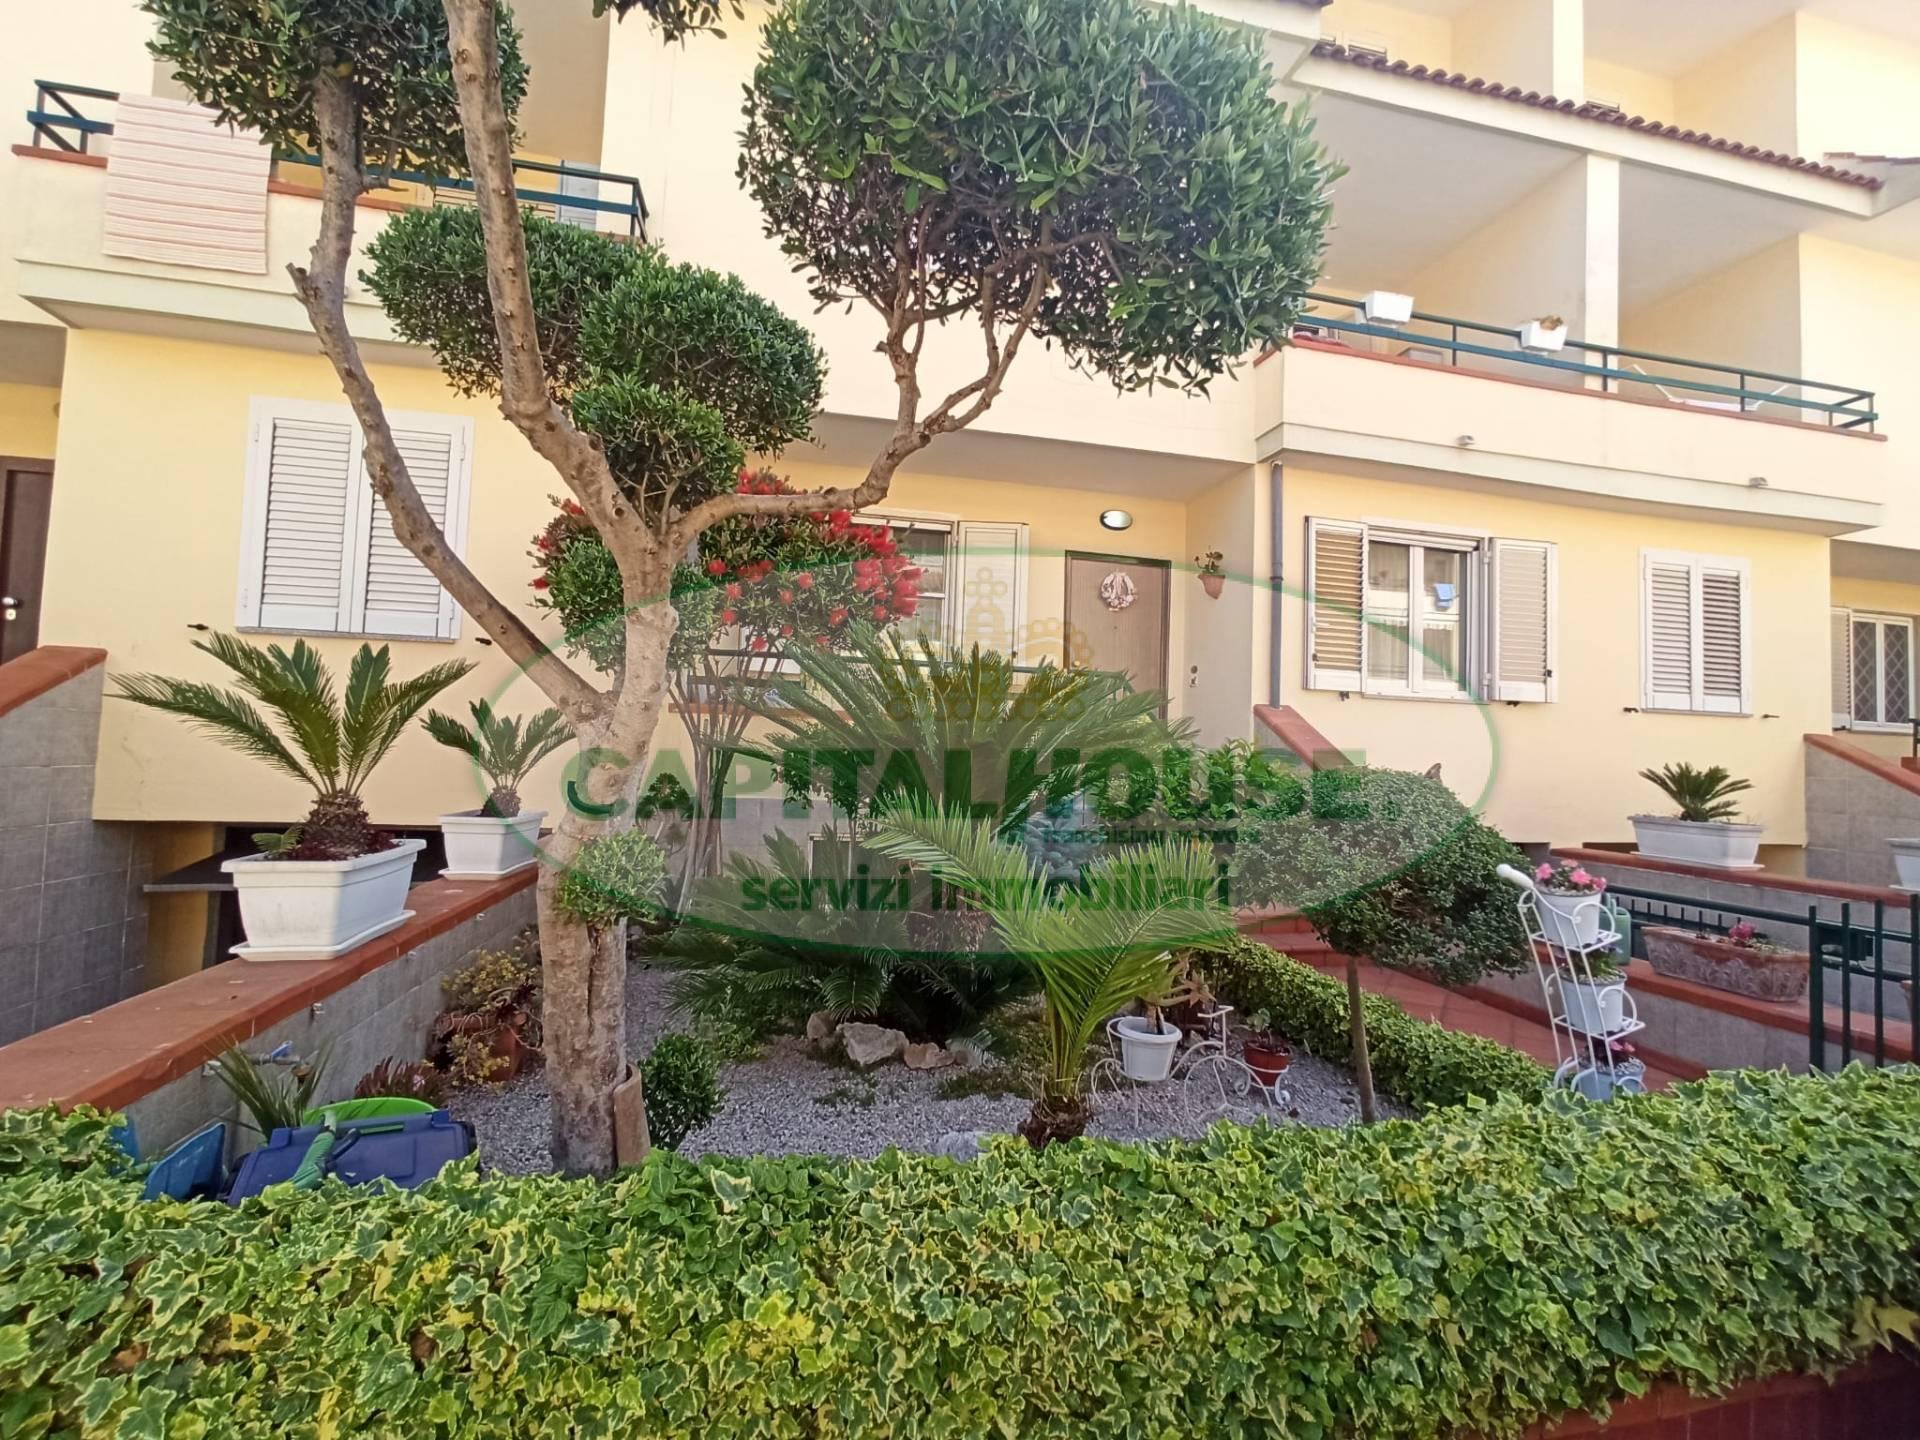 Villa a Schiera in vendita a San Gennaro Vesuviano, 6 locali, prezzo € 215.000 | CambioCasa.it